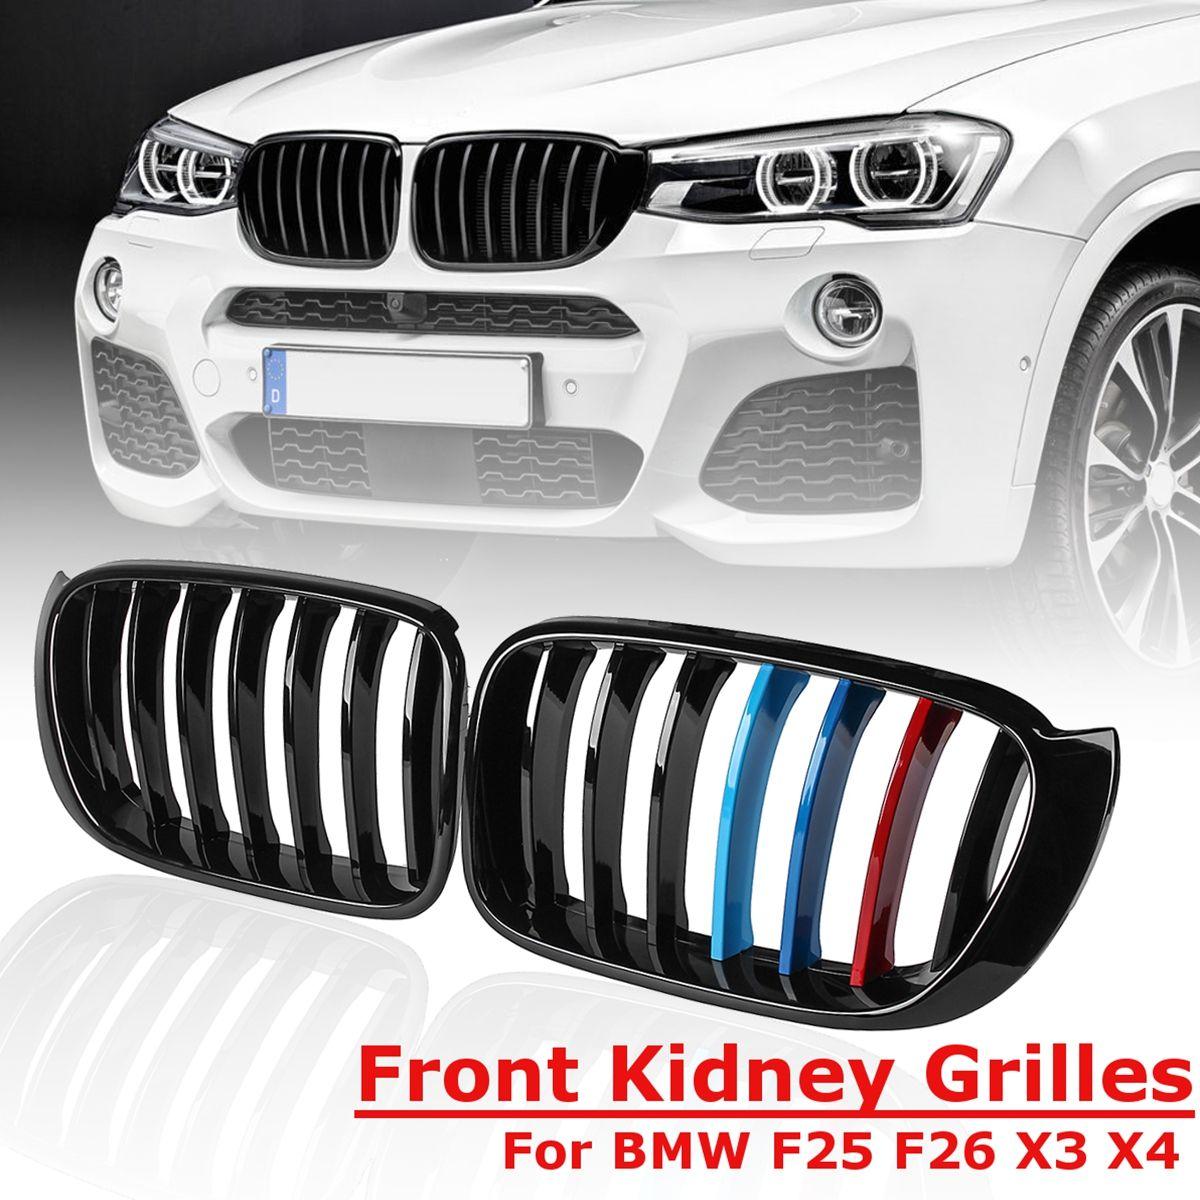 1 para 3 Farben für BMW X3 F25 F26 2014 2015 2016 2017 für Front Stoßstange Sport Niere Grill Grille glanz Schwarz Ersatz Racing